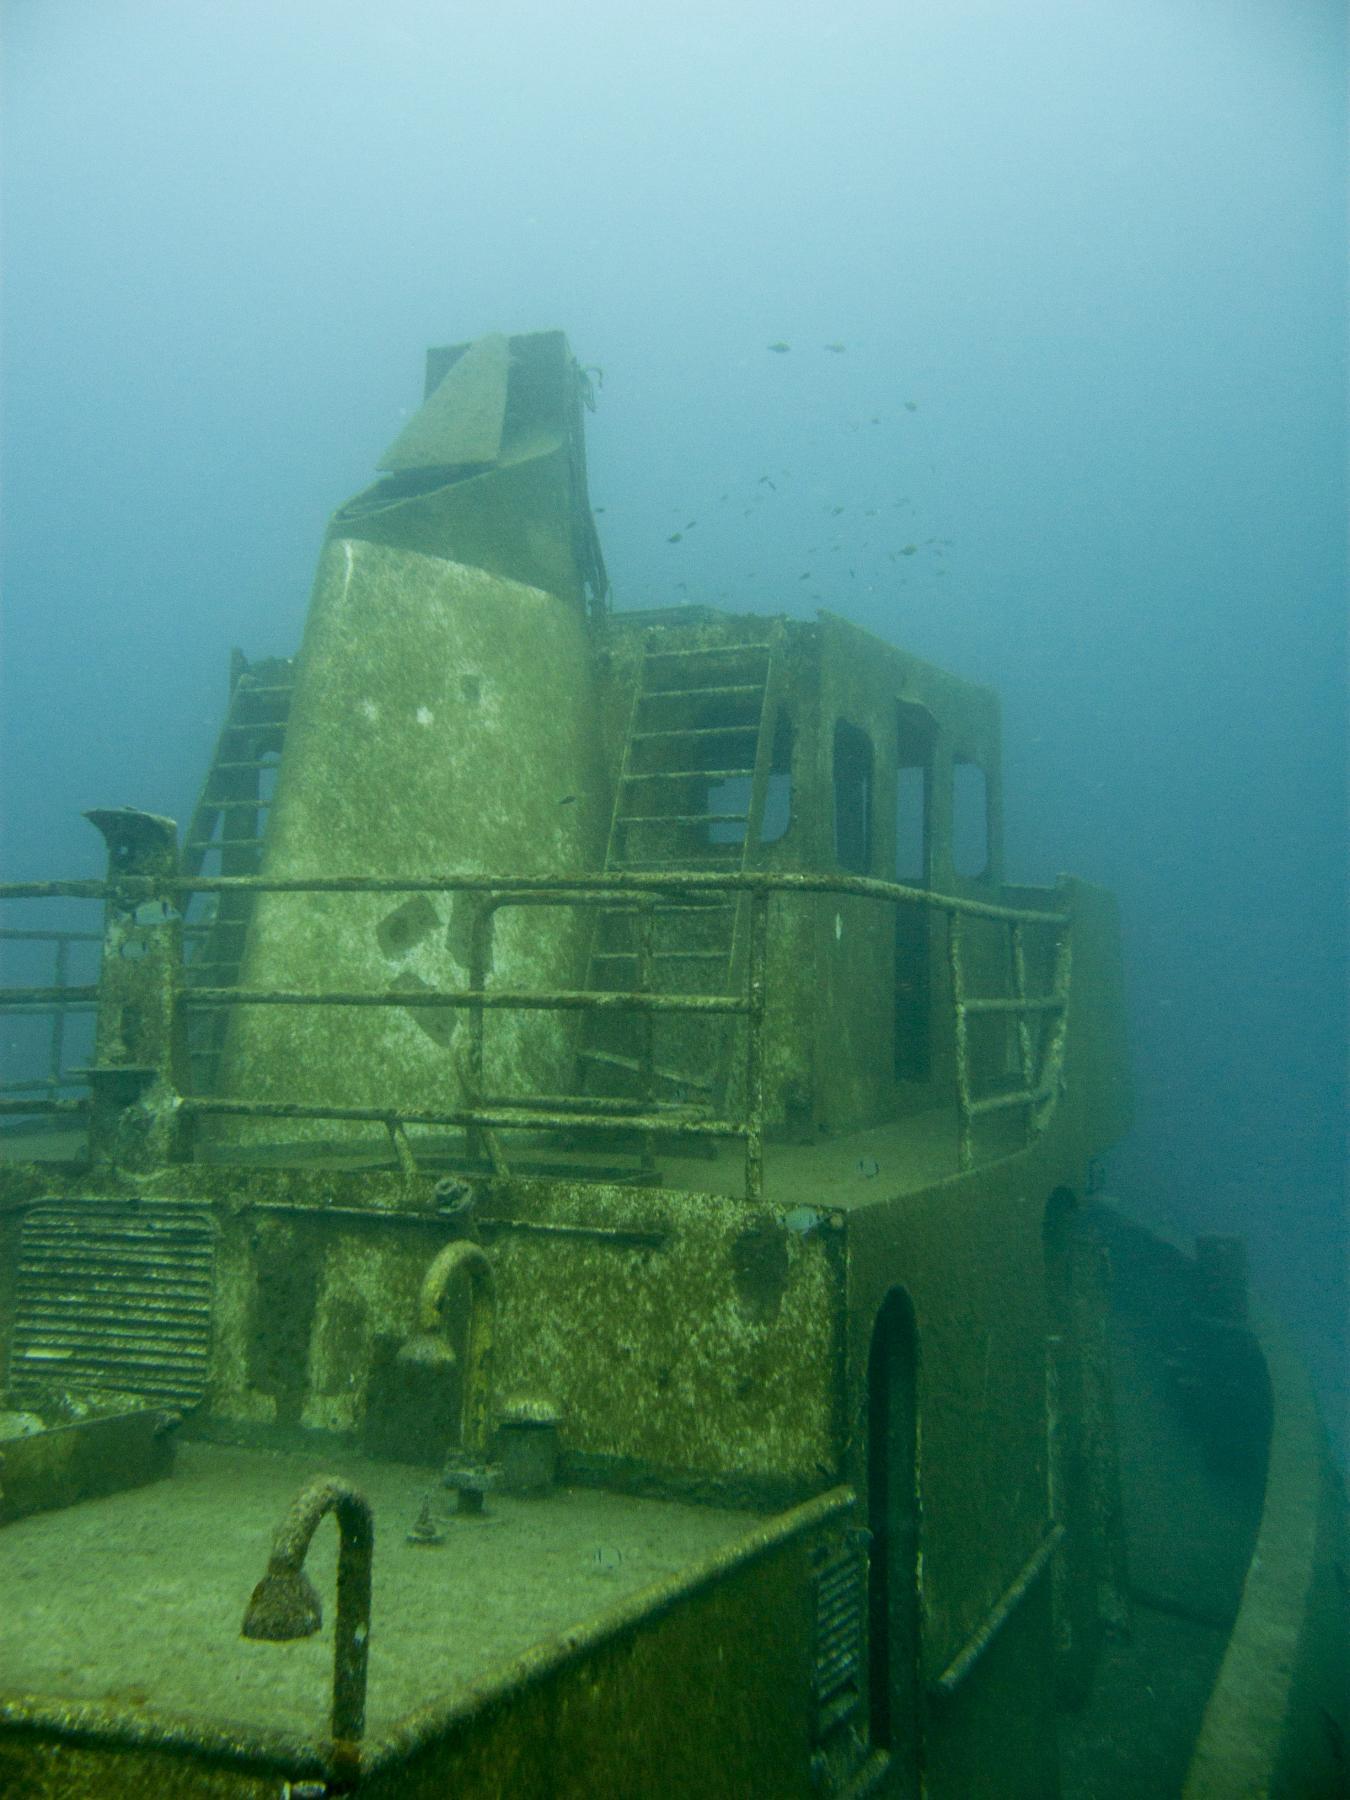 Tugboat 2 wreck